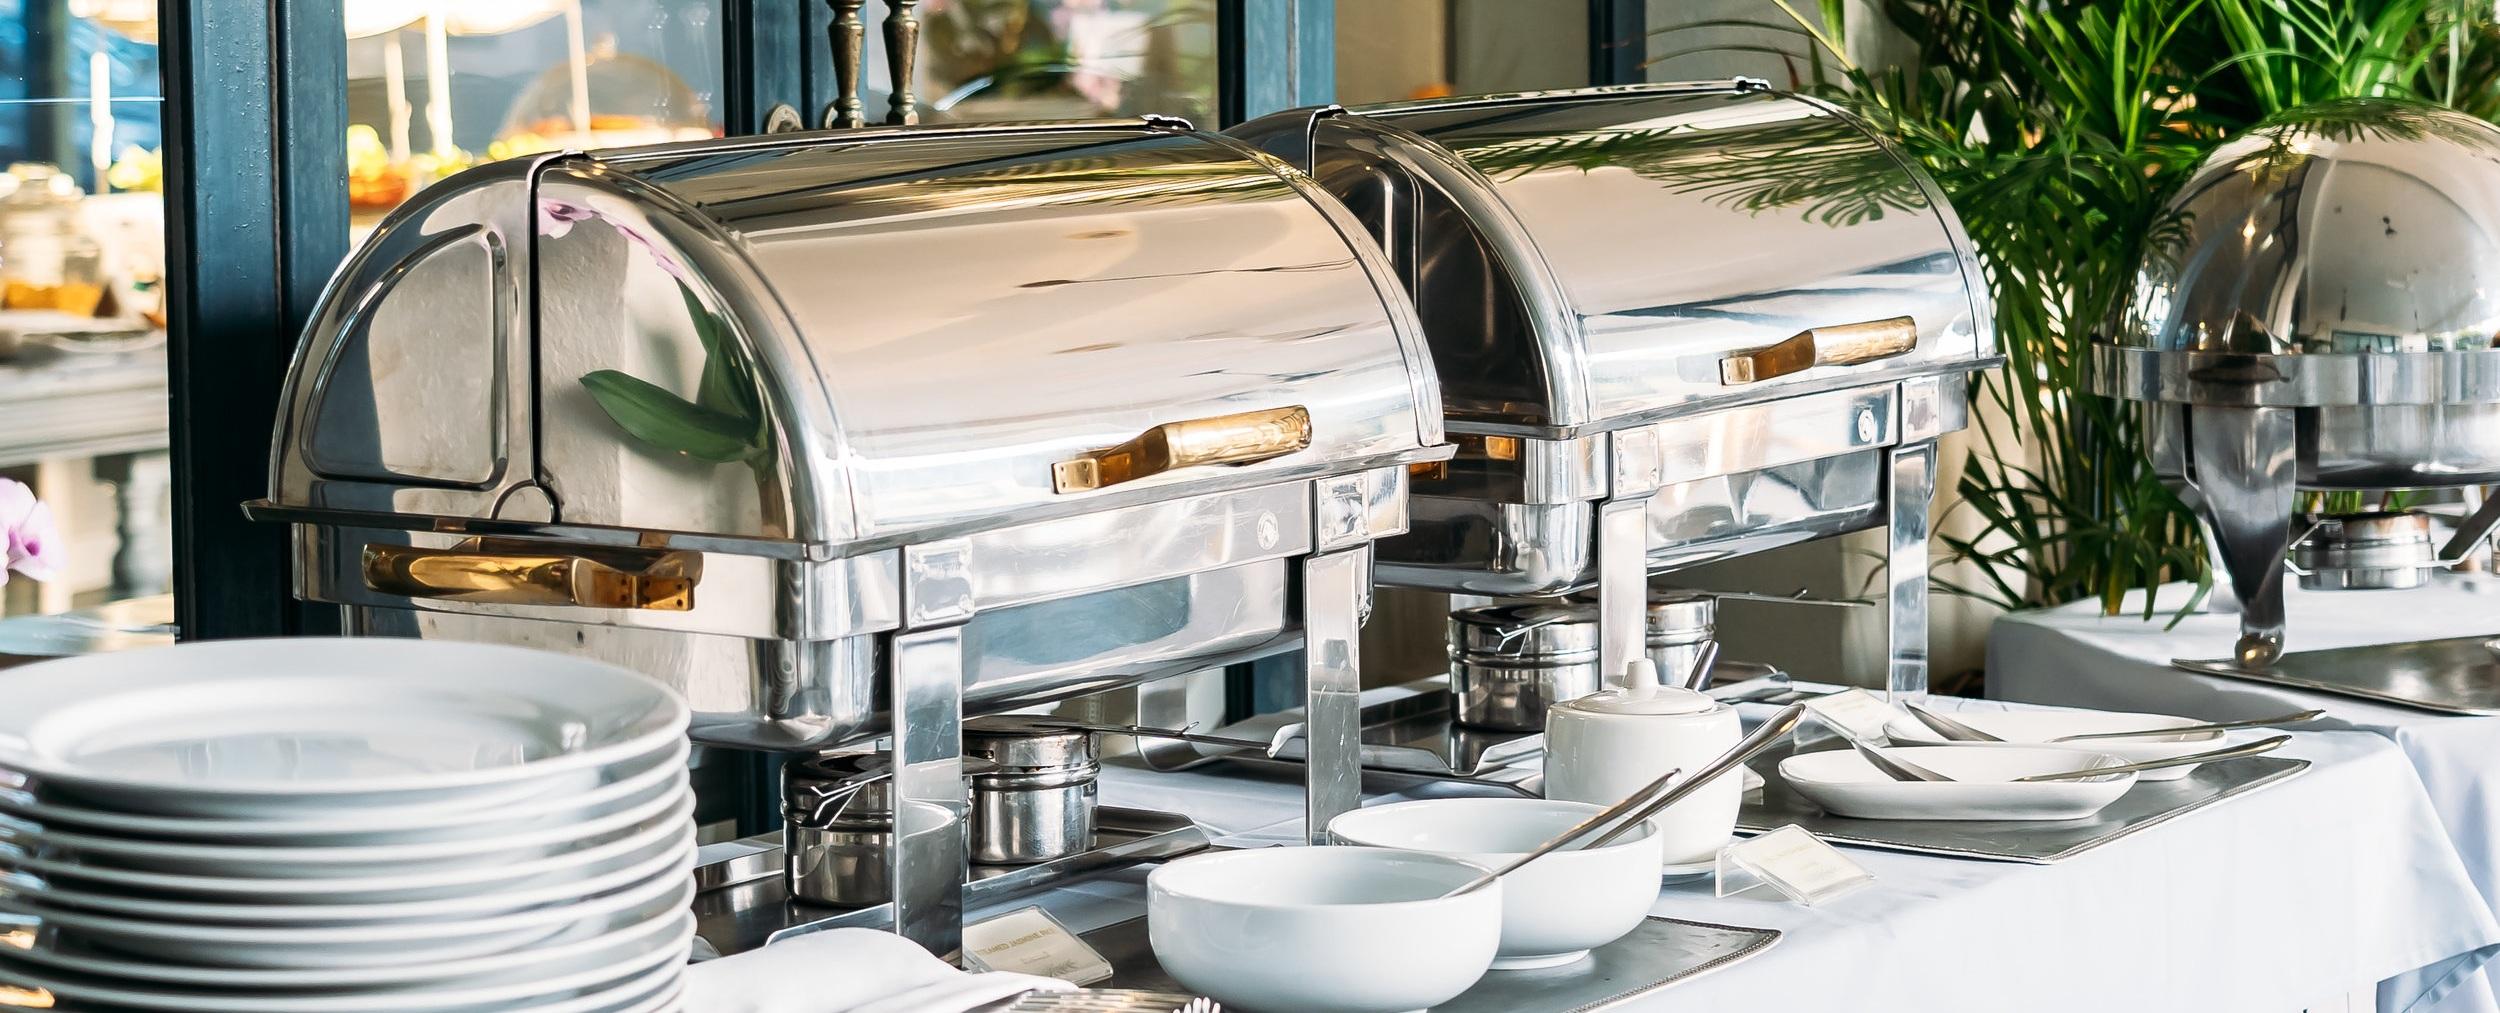 breakfast-with-catering-buffet-in-restaurant-WKFXY2Z.jpg